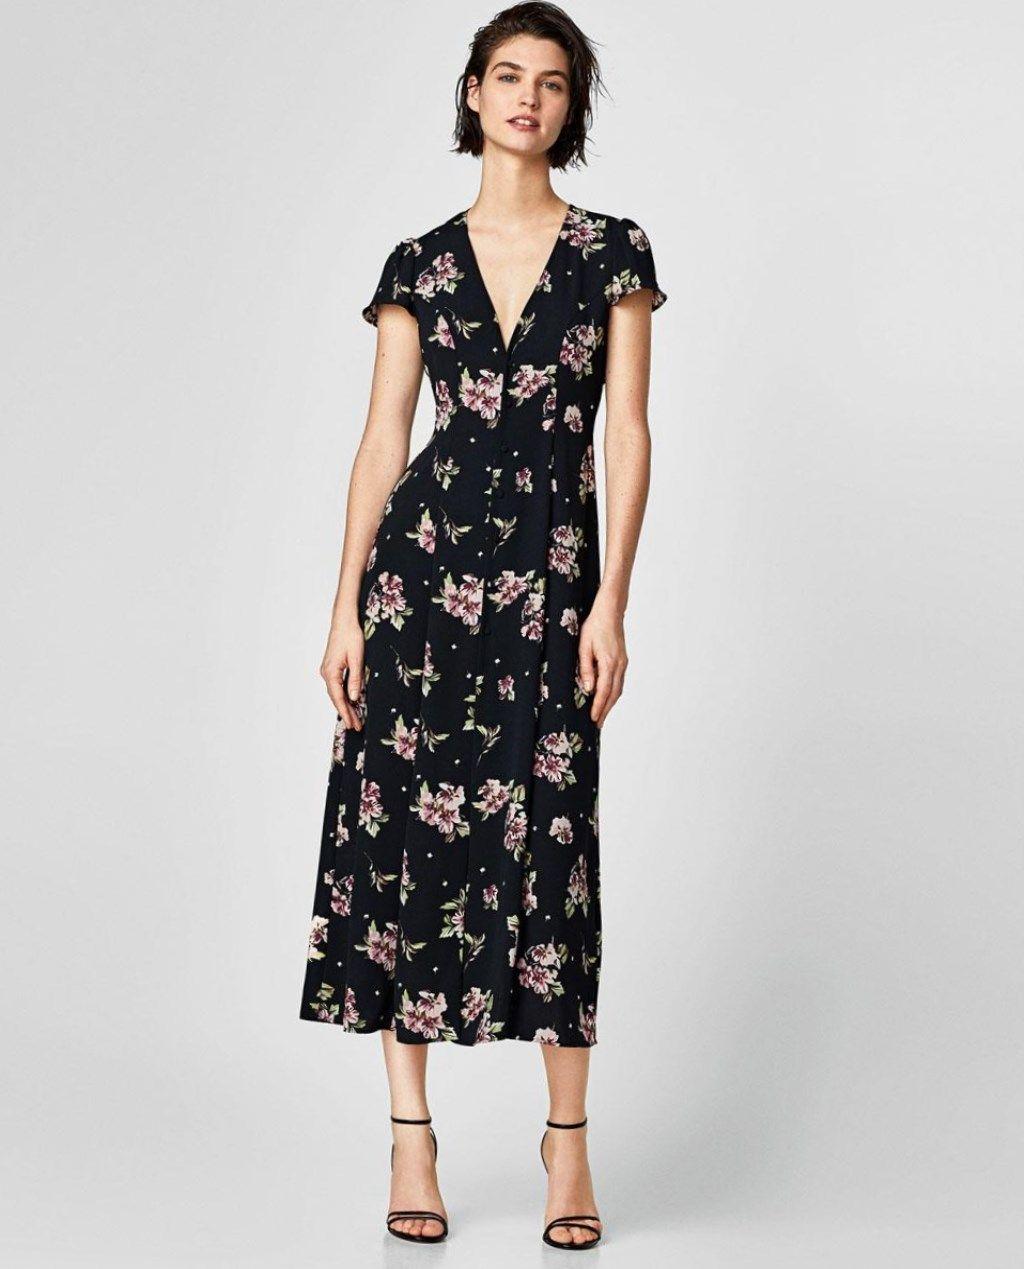 Beste Blumenbrautjungfern Kleid Galerie - Hochzeit Kleid Stile Ideen ...